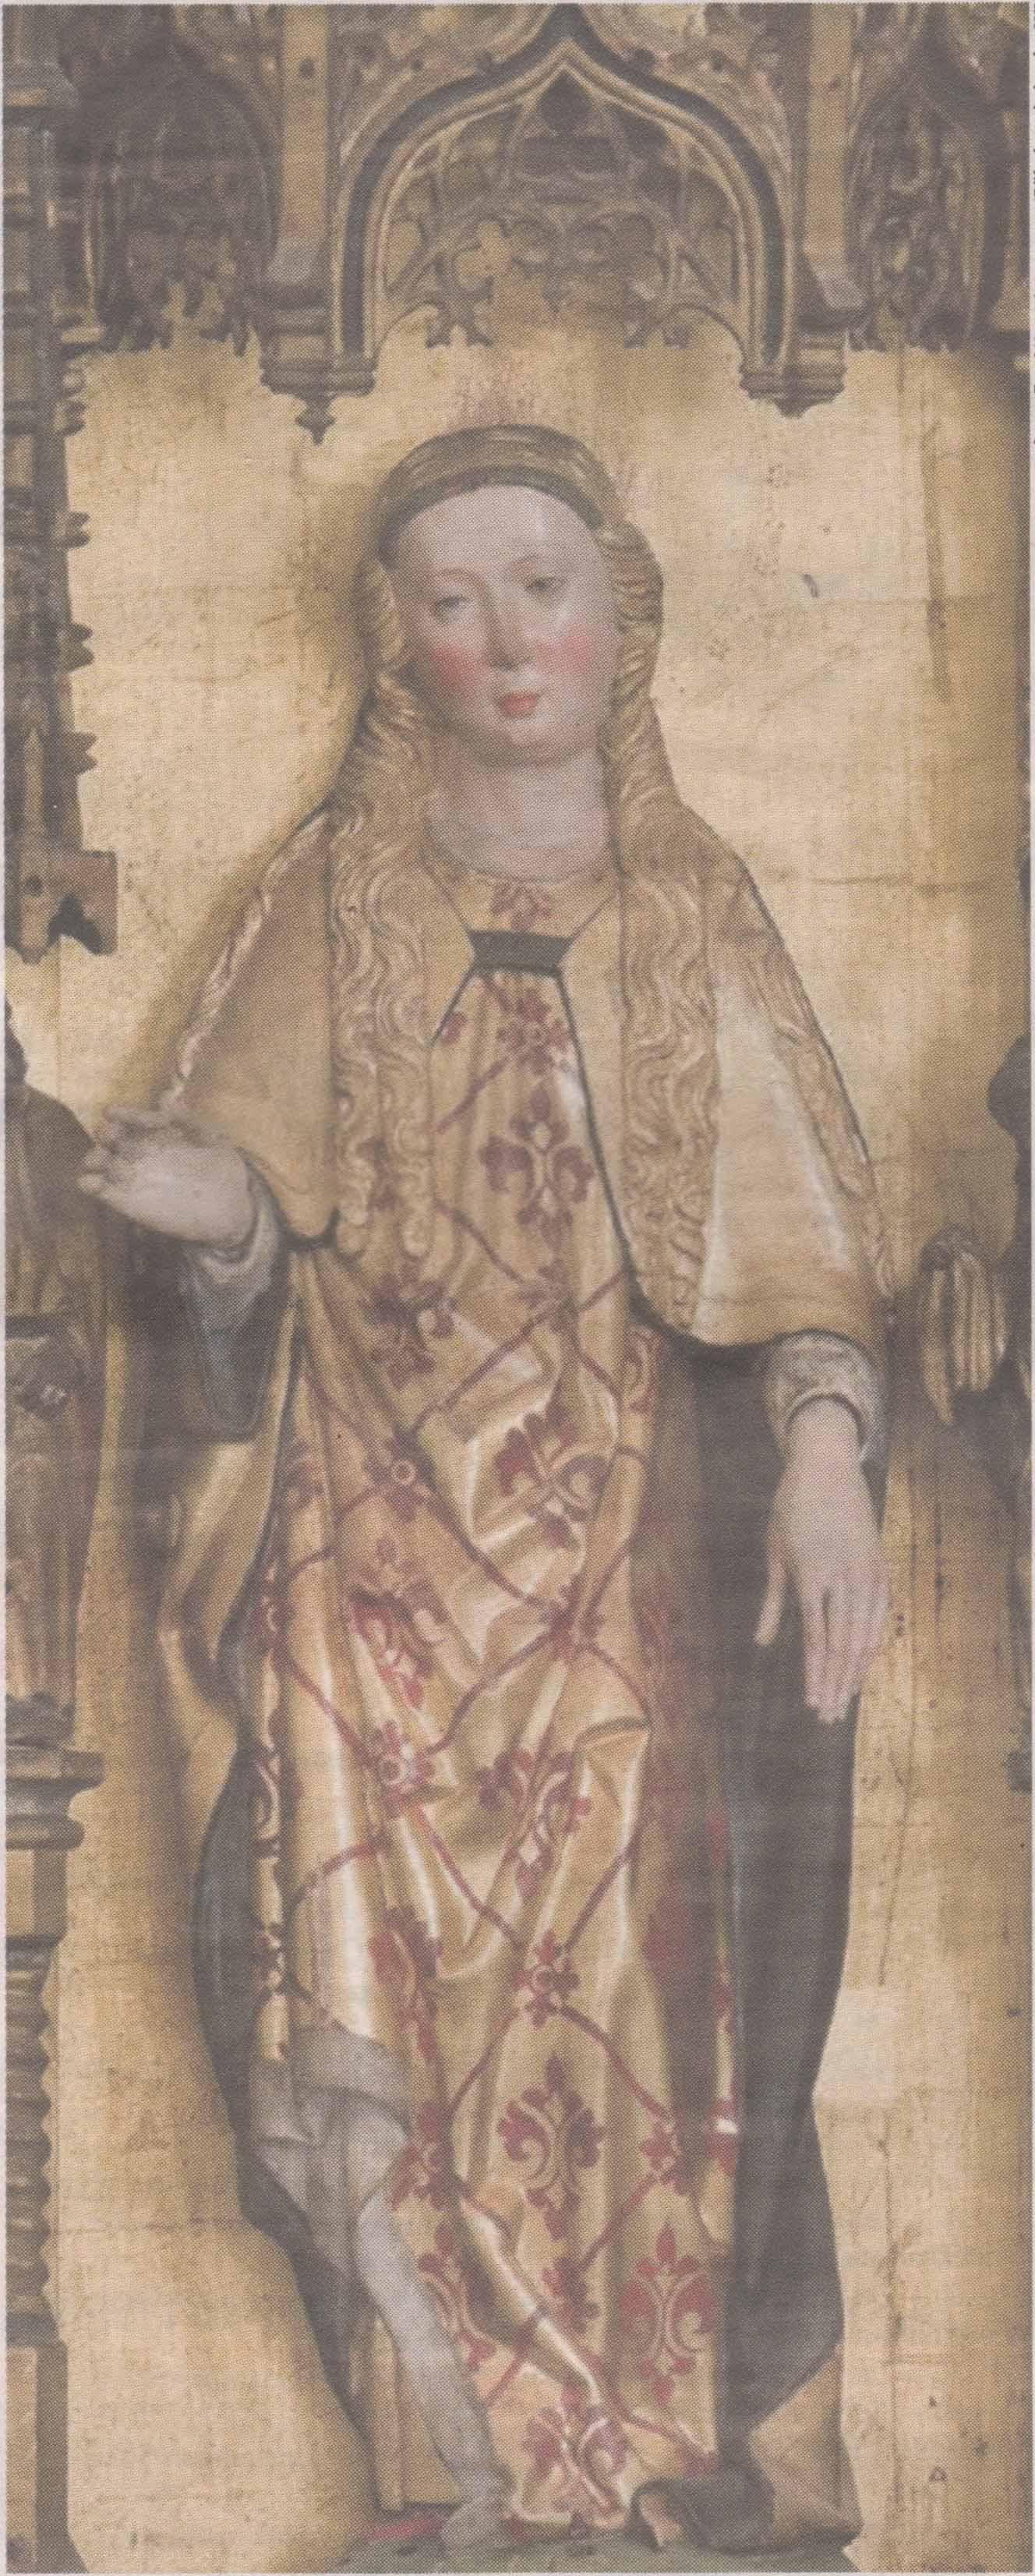 Екатерина Александрийская. Скульптура XV века. Главный алтарь церкви Нигулисте.